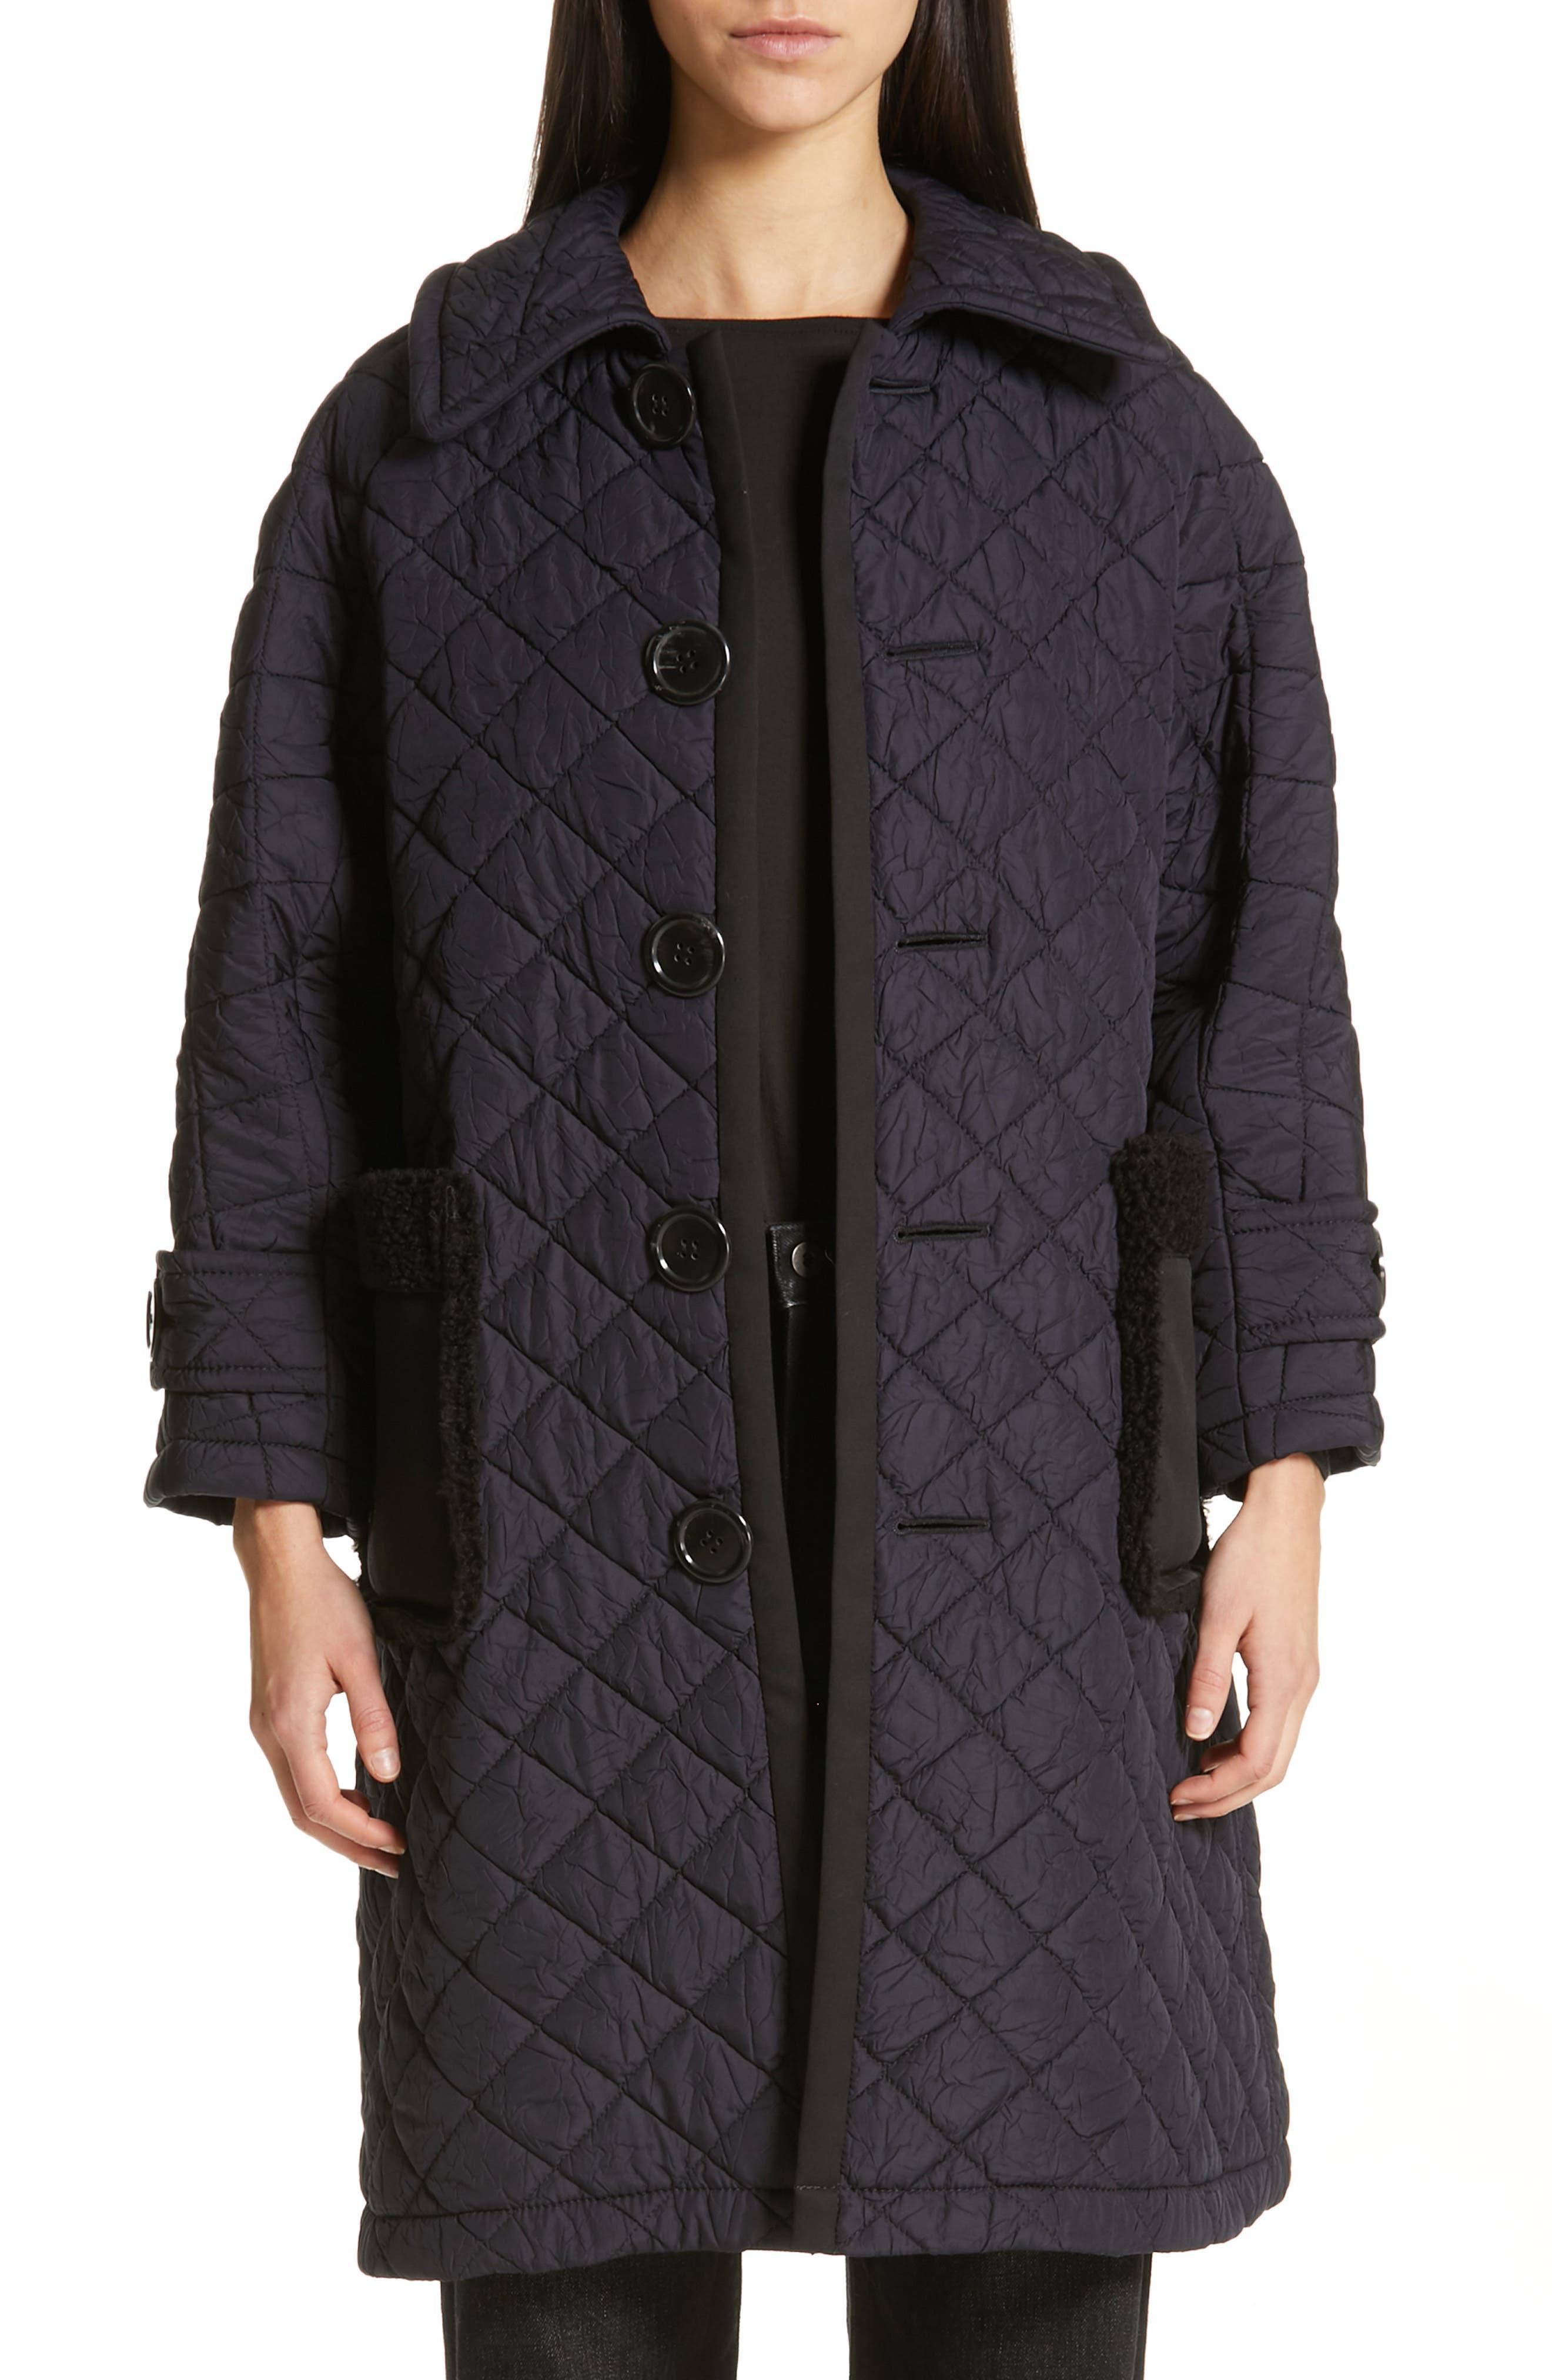 TRICOT COMME DES GARÇONS Quilted Coat with Faux Fur Trim, Main, color, NAVY X BLACK